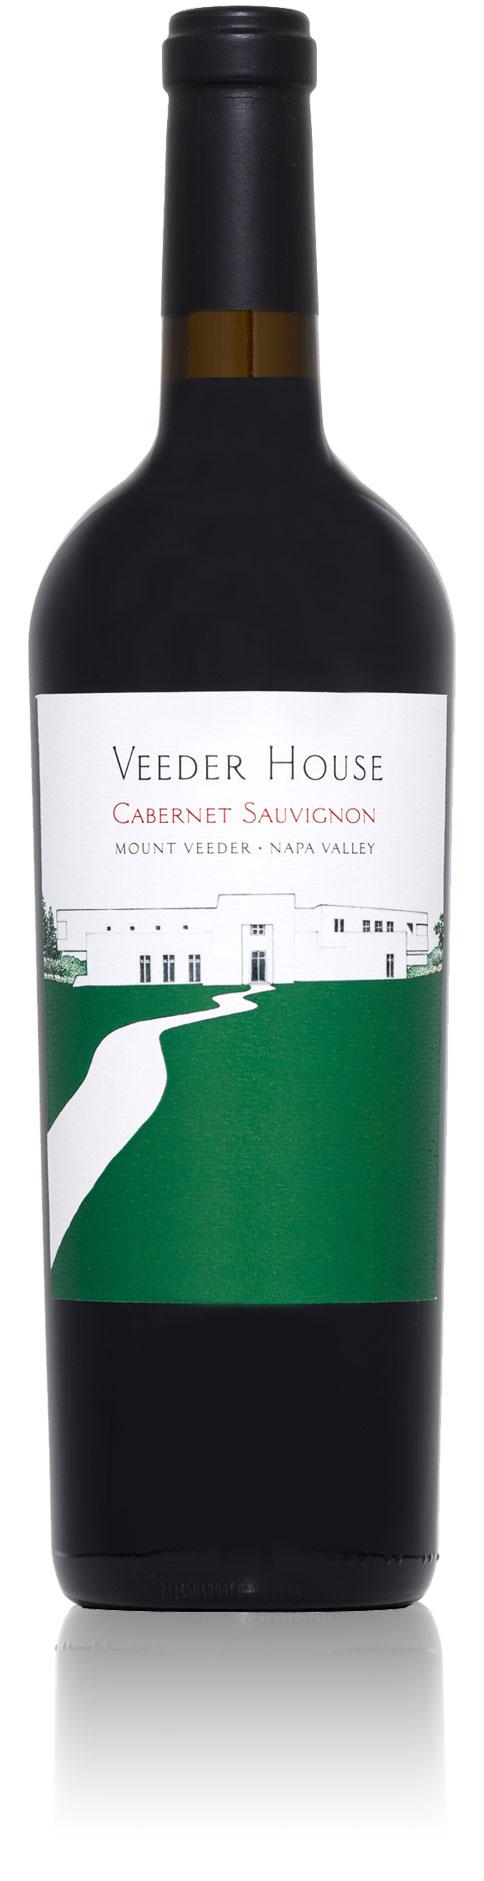 Veeder_House-bottle_White_Back-(3)